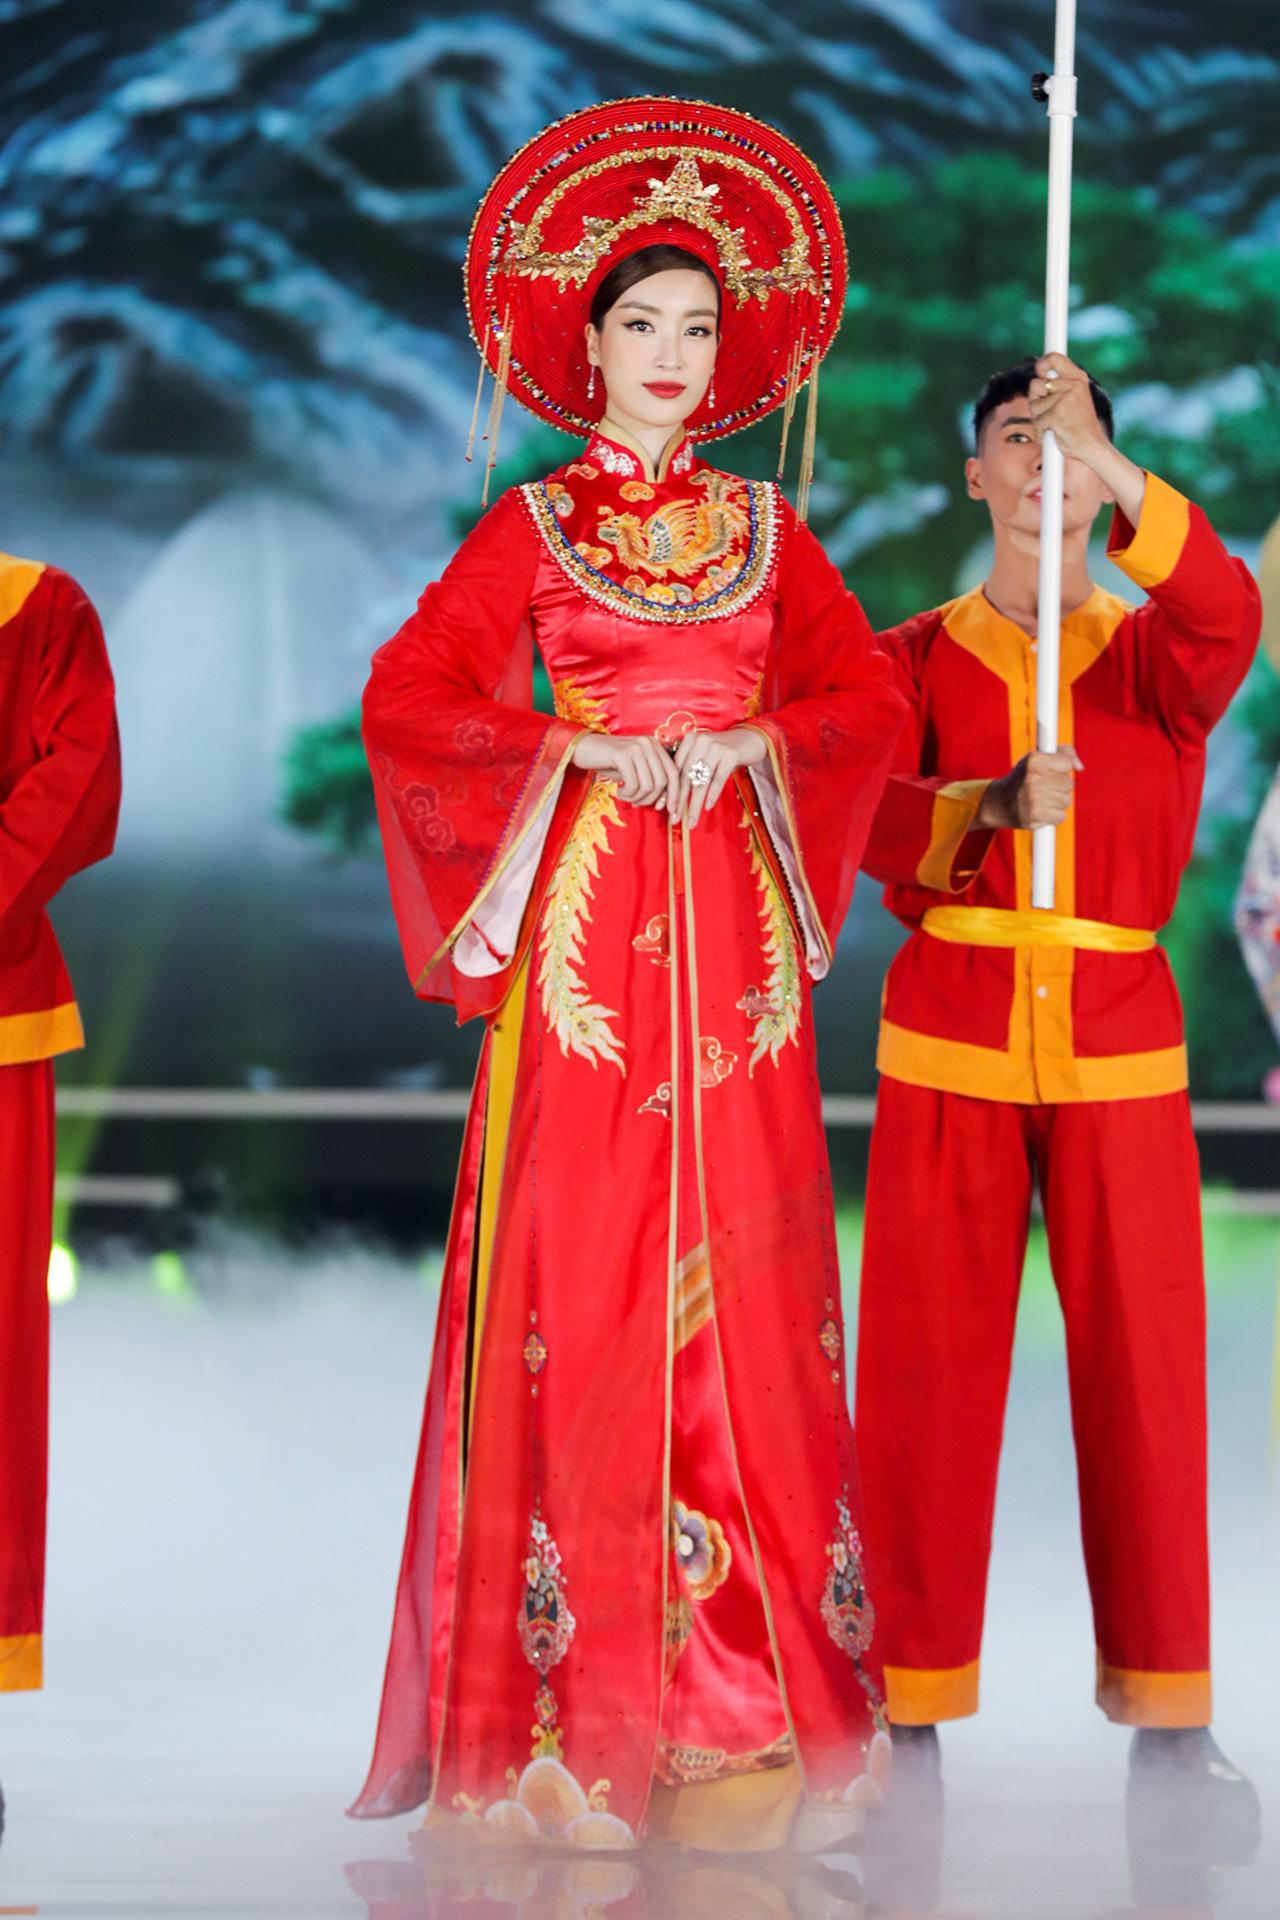 5 Hoa hậu mặc áo dài đọ sắc Chung kết Hoa hậu Việt Nam: Đặng Thu Thảo đẹp tựa nữ thần,  - Ảnh 1.